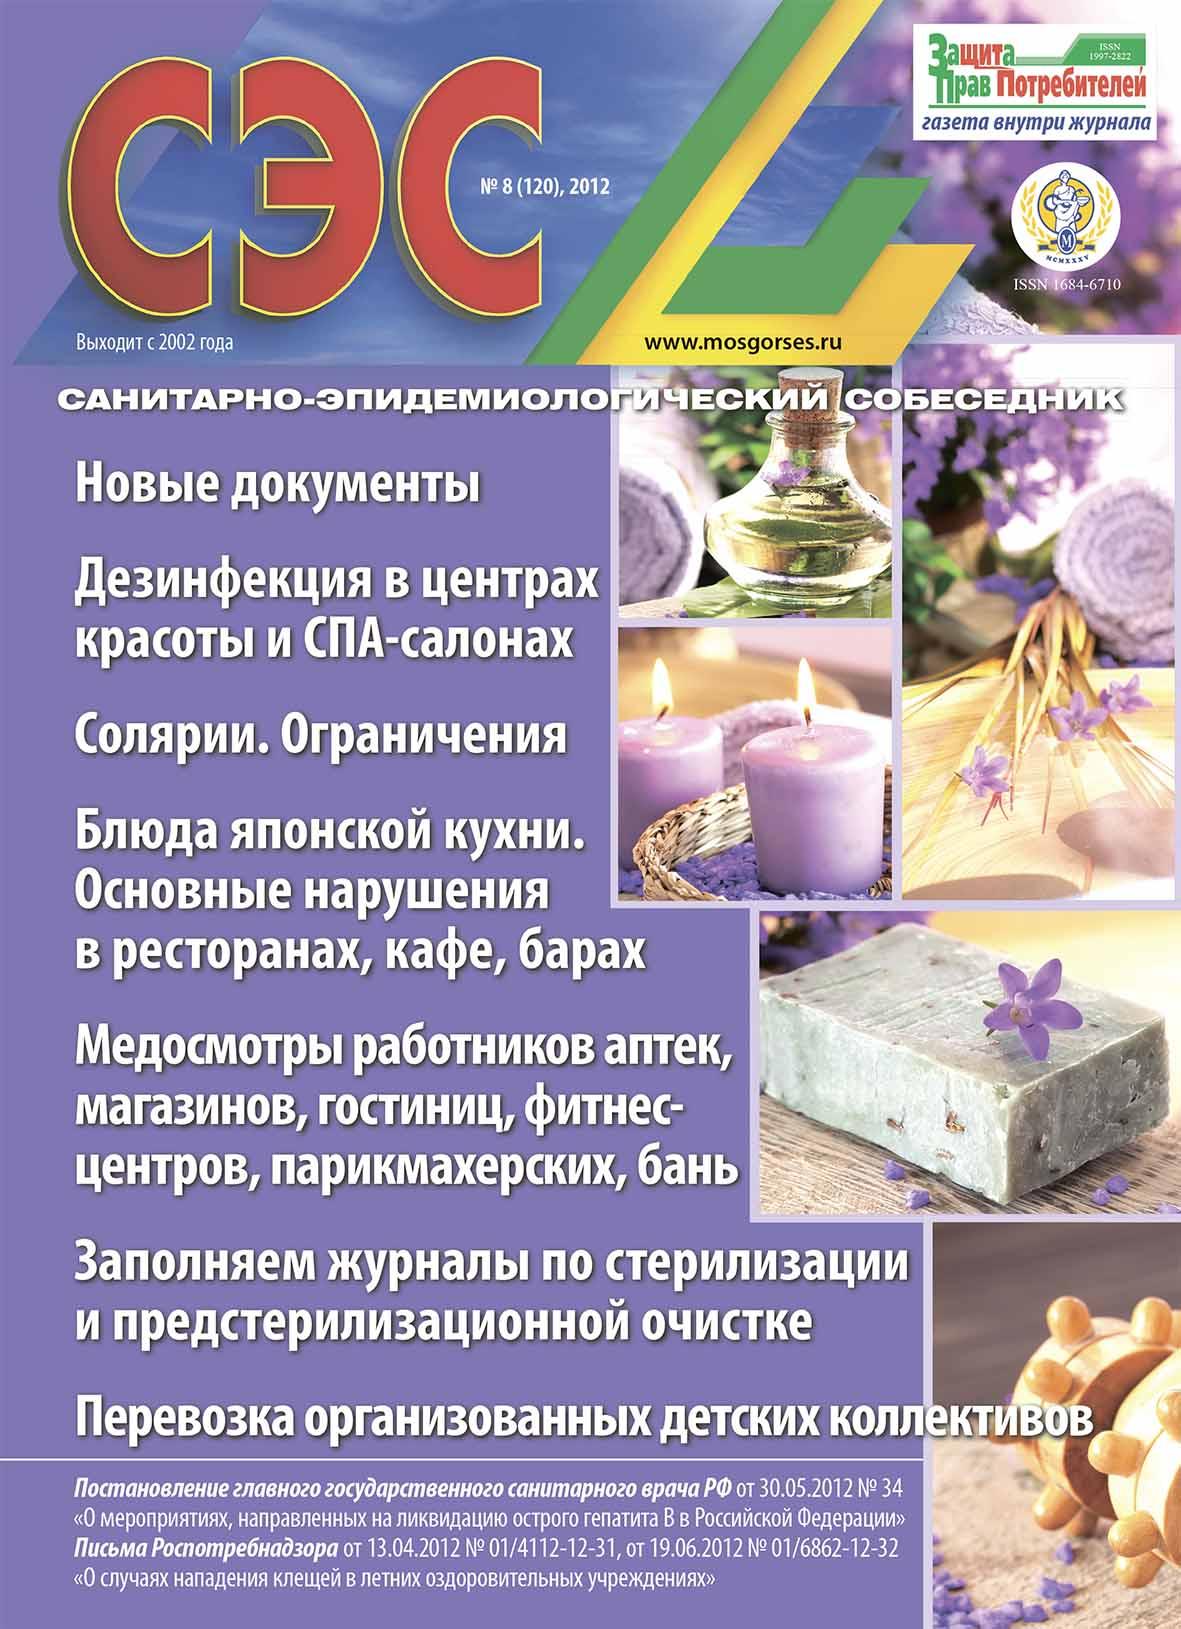 Журнал СЭС №8 2012 год